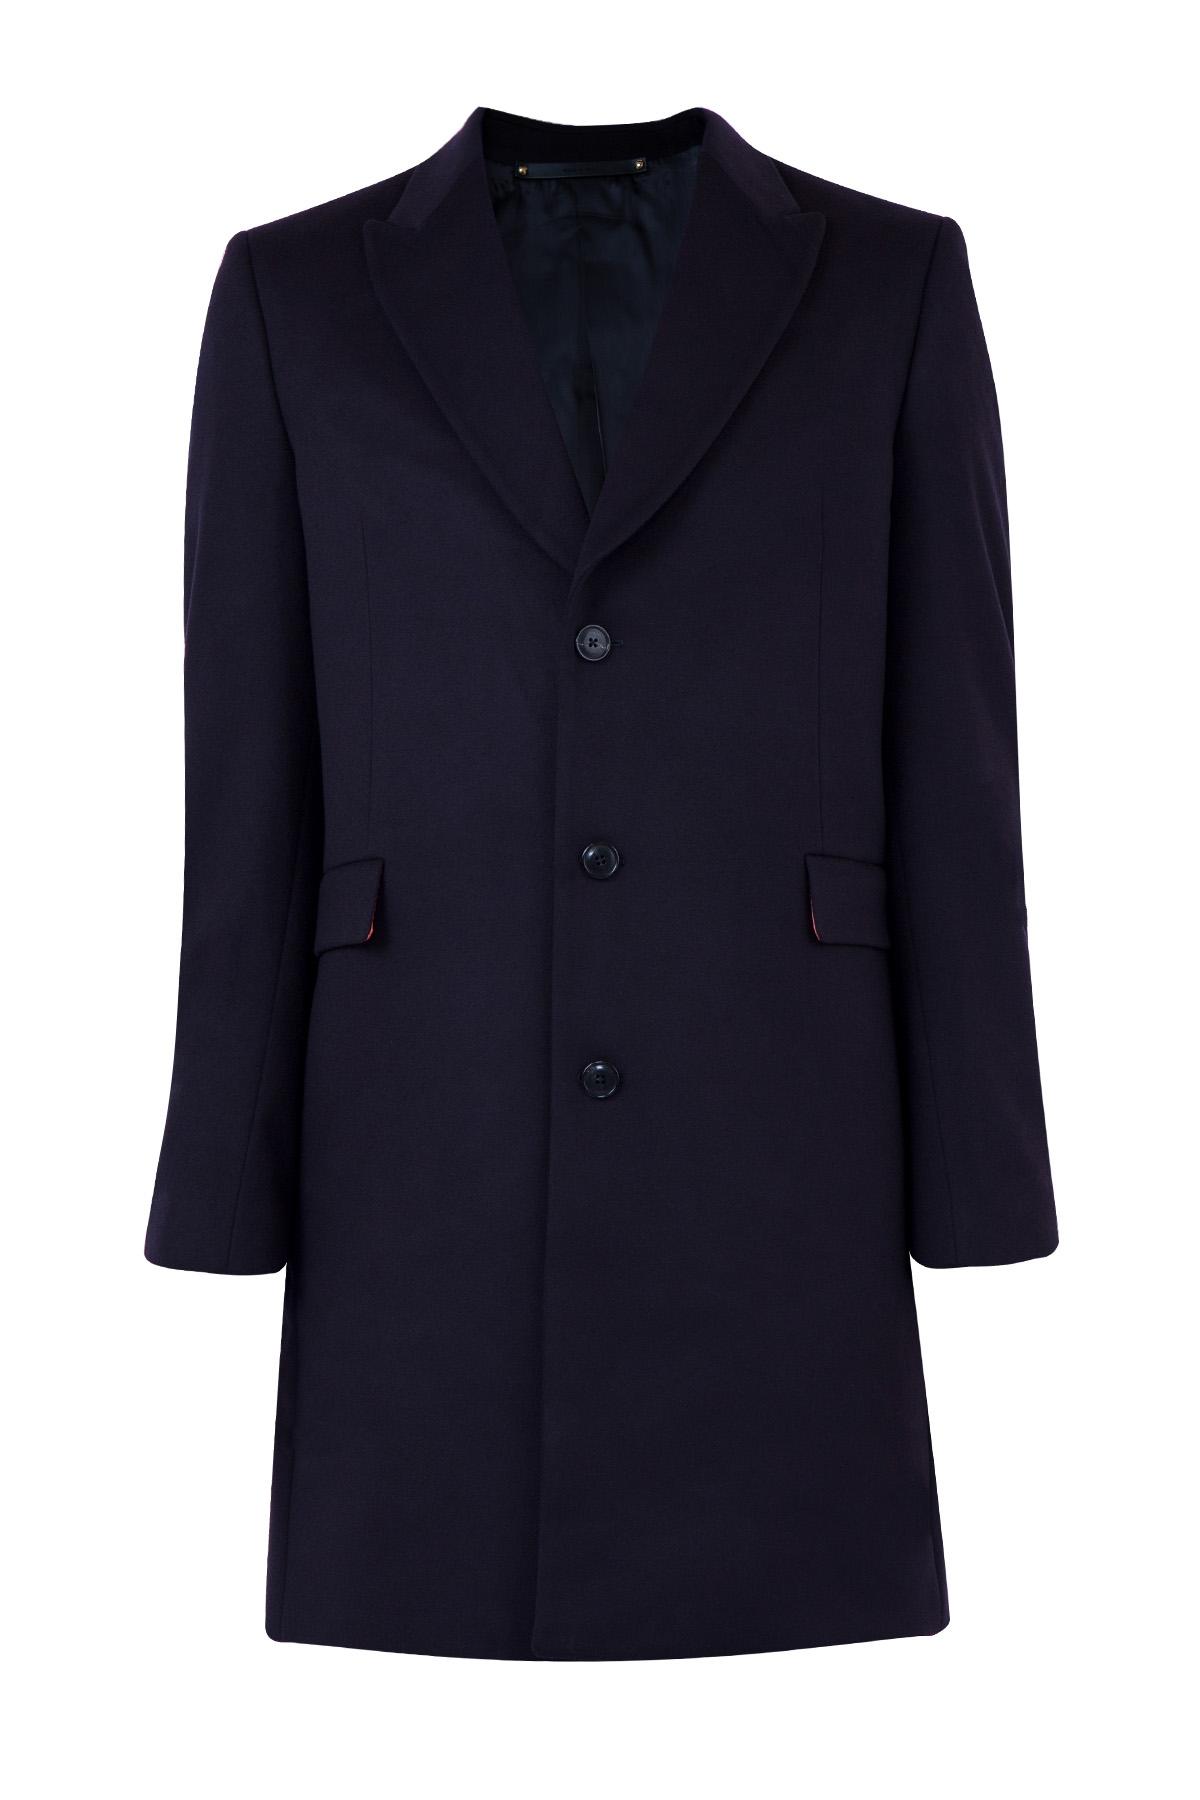 Купить Пальто, PAUL SMITH, Италия, шерсть 90%, кашемир 10%